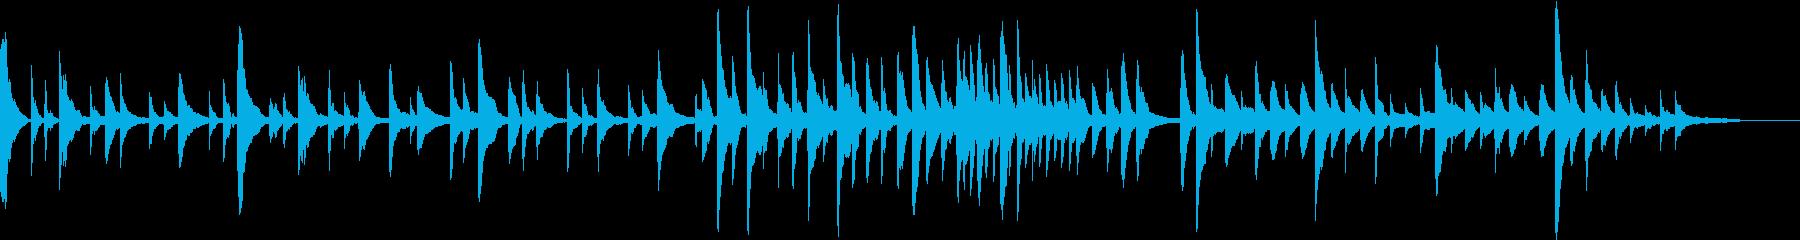 洋楽ピアノ 感動 希望 映像にチルアウトの再生済みの波形